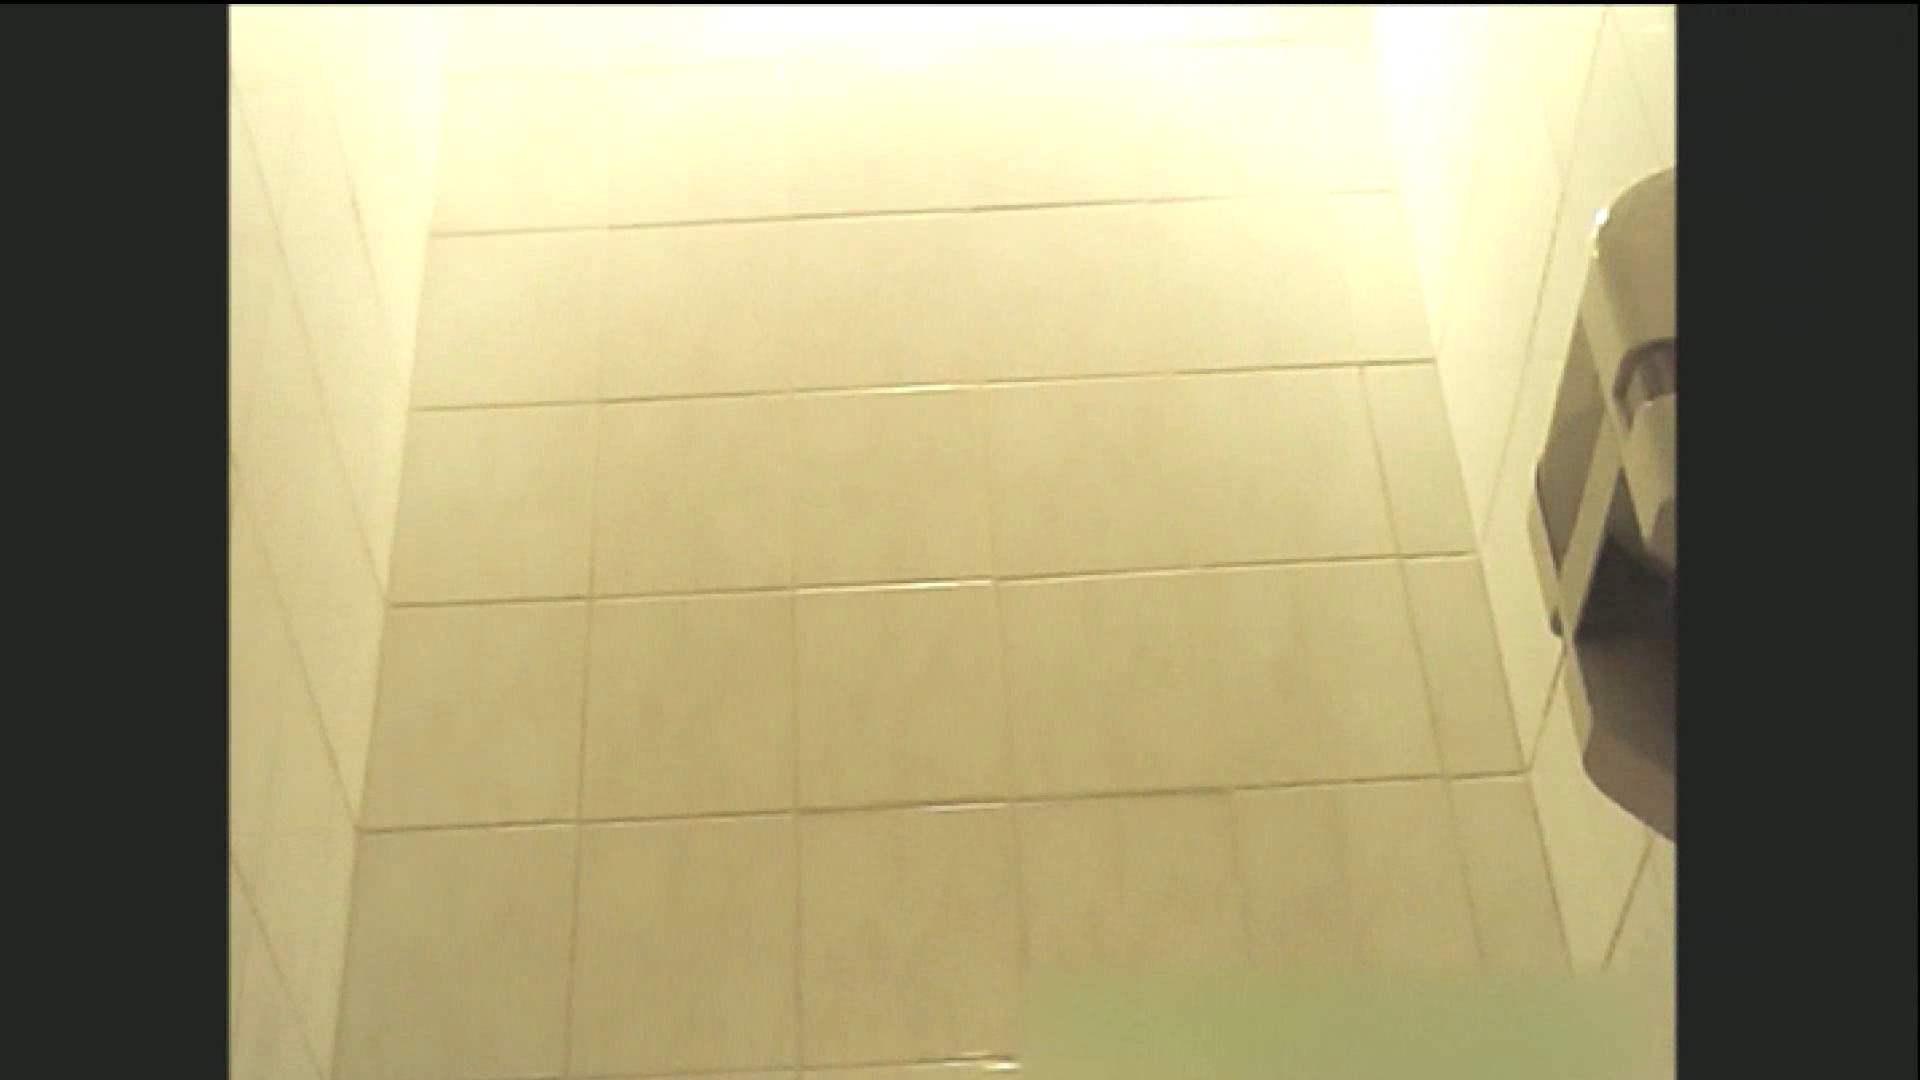 実録!!綺麗なお姉さんのトイレ事情・・・。vol.10 OLヌード天国  108PIX 24